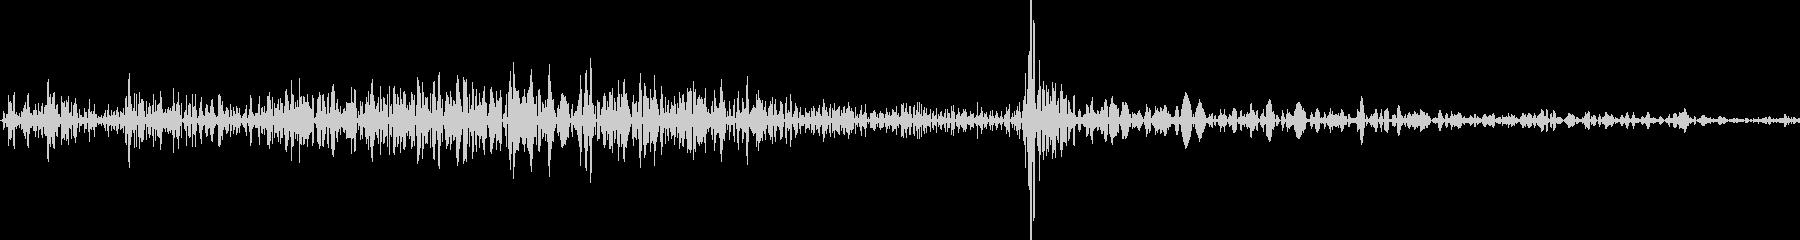 カード(トランプ)を出す音の未再生の波形